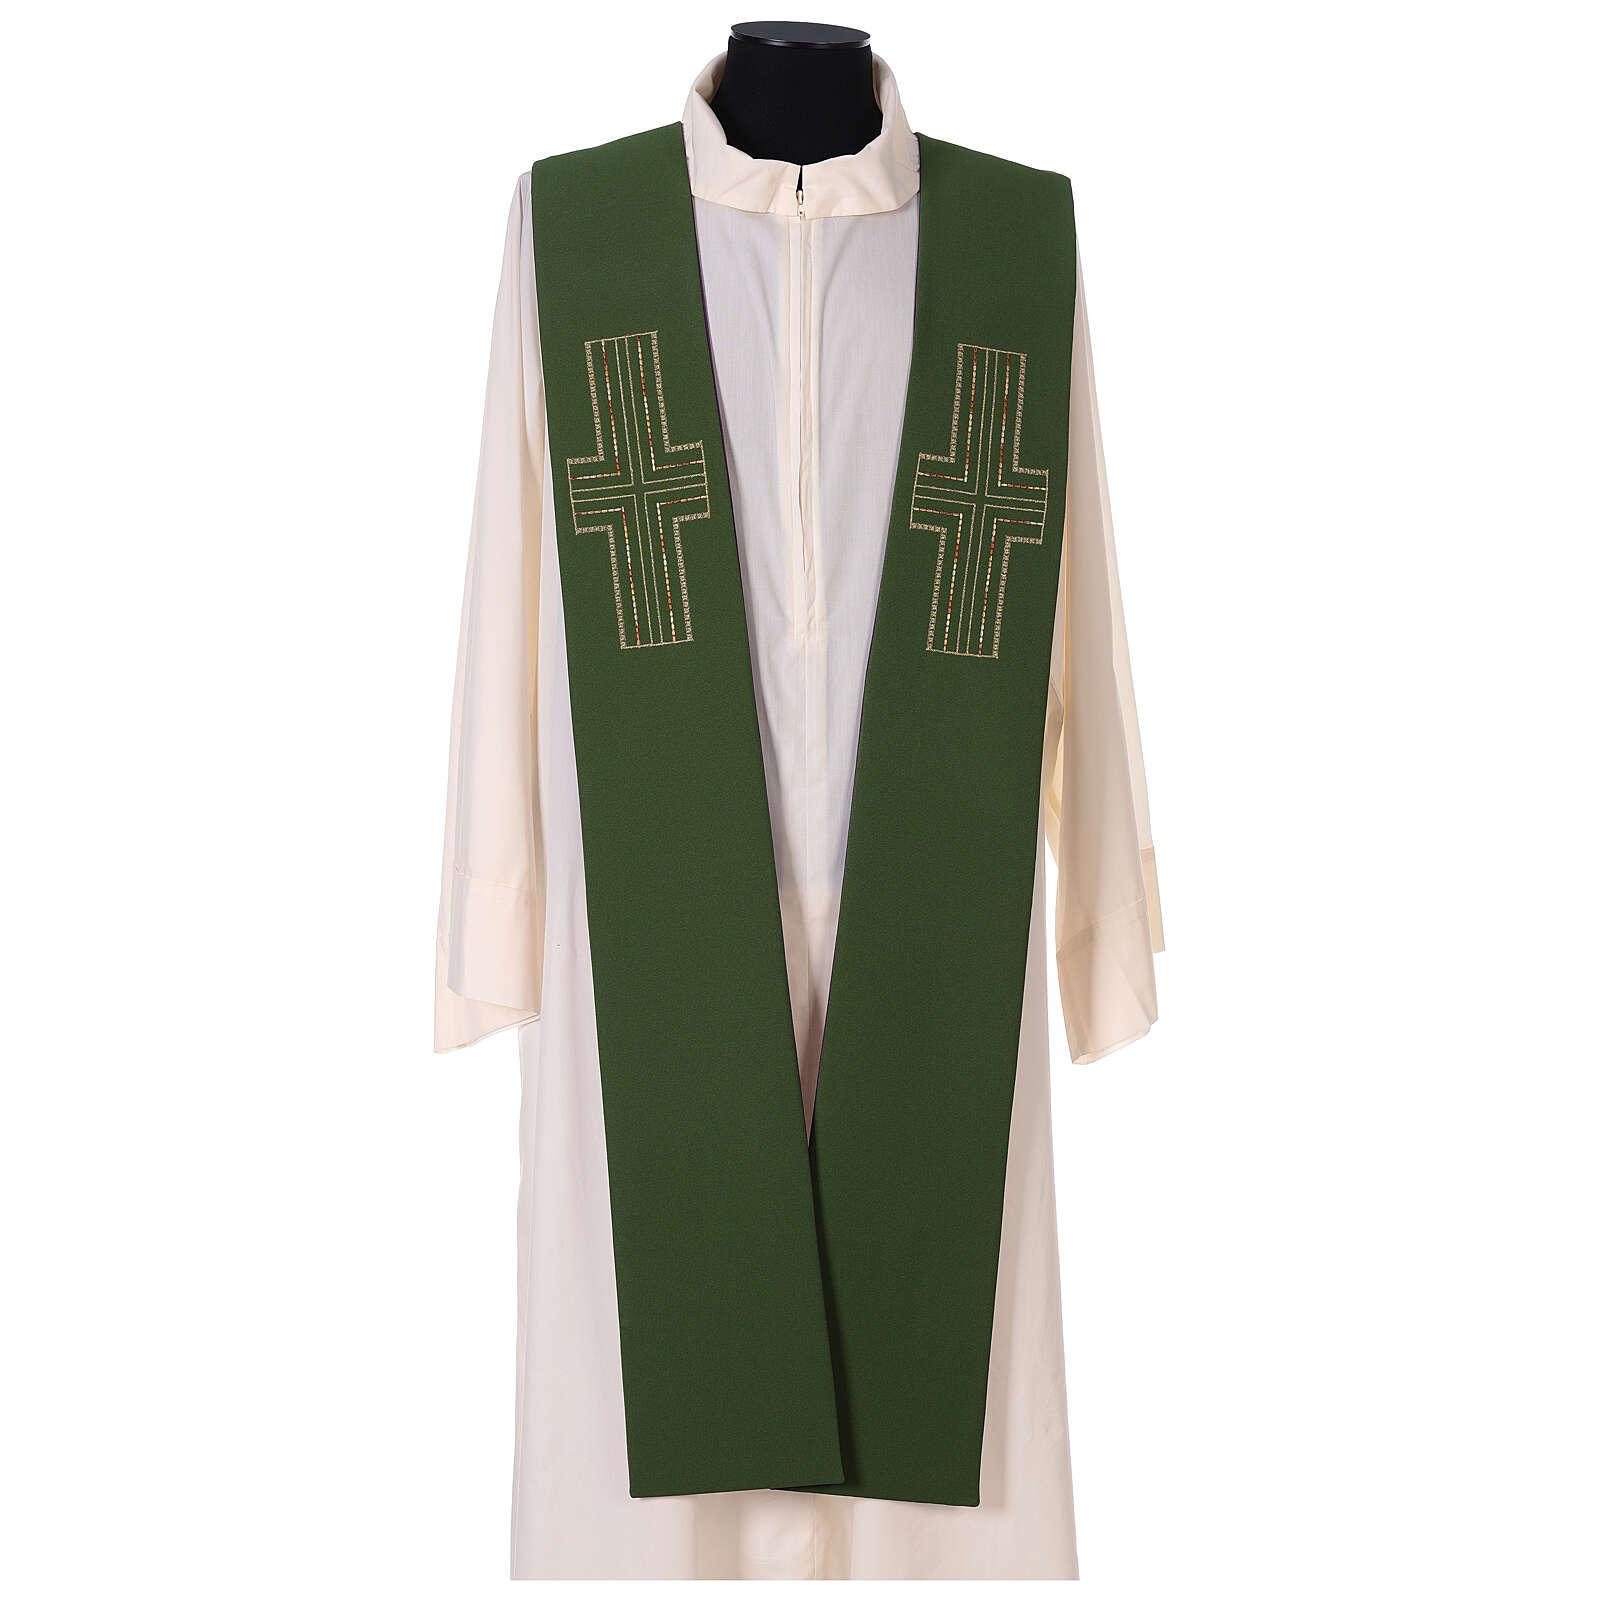 Tristola Liturgica bicolore verde e viola croce 100% poliestere 4